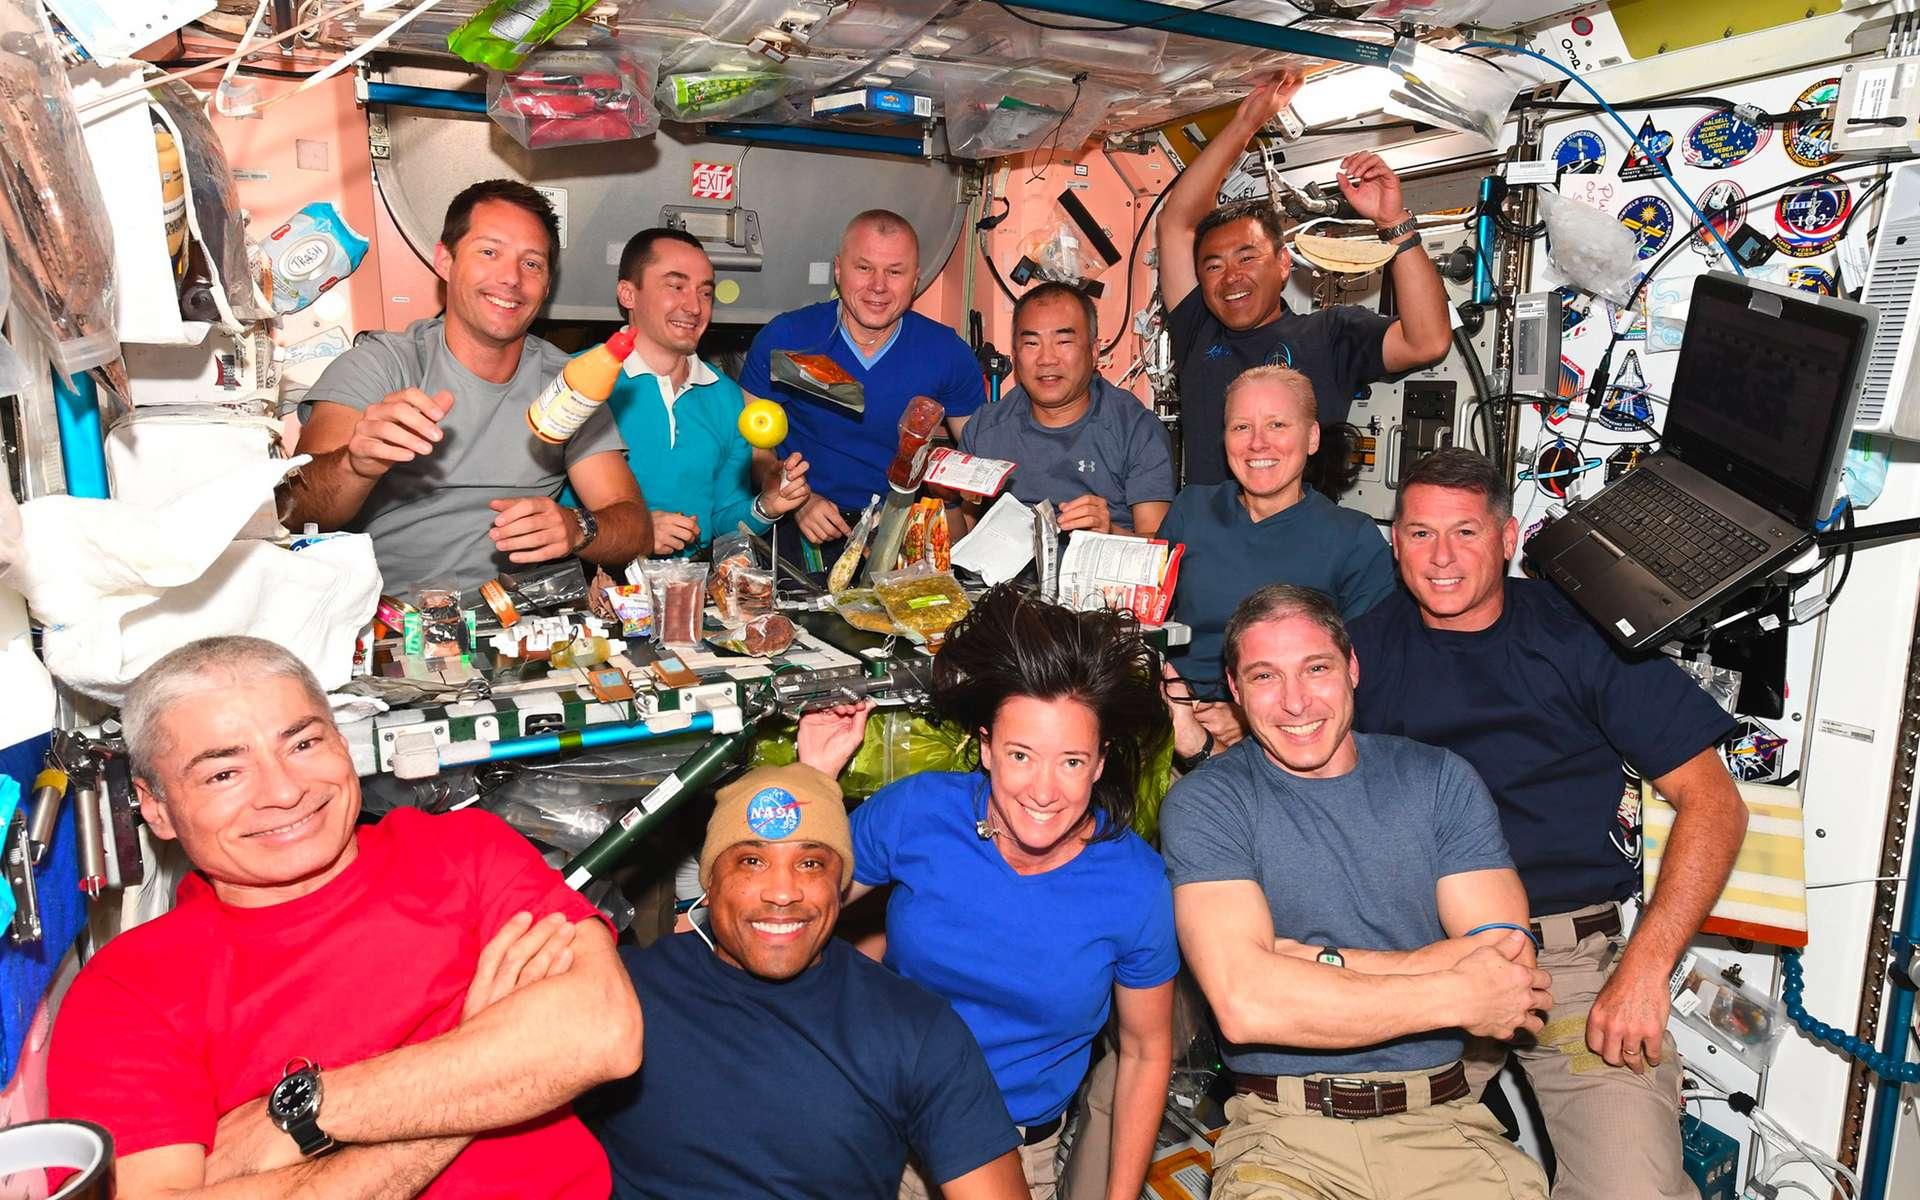 Repas festif pour saluer le départ de l'équipage Crew 1, remplacé par l'équipage Crew 2 (Thomas. Pesquet, en haut à gauche sur la photo). © Jaxa, Nasa, S. Noguchi